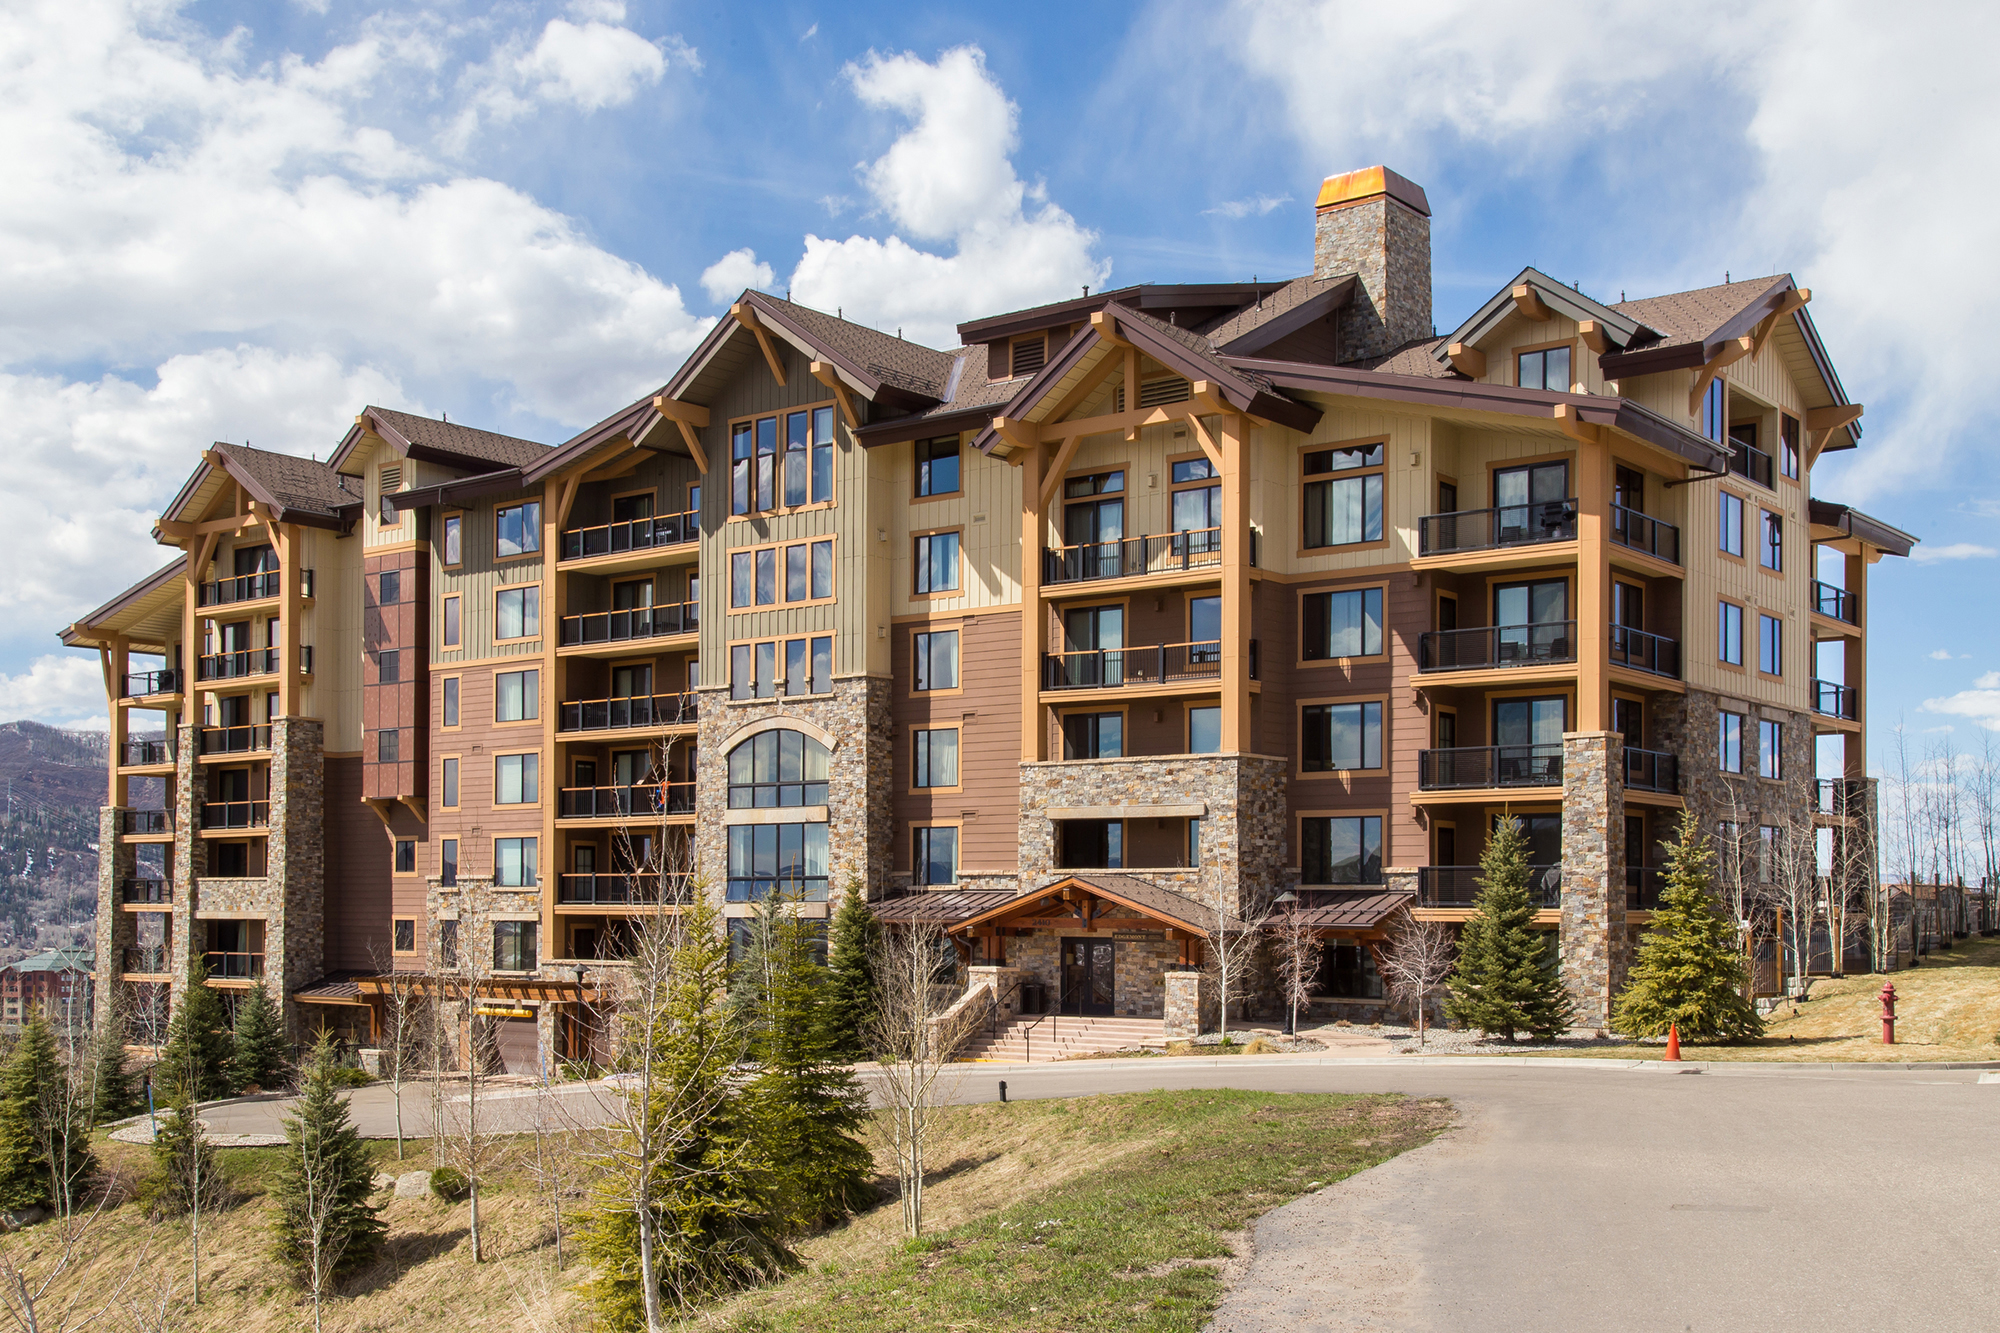 Eigentumswohnung für Verkauf beim Ski-in/Ski-out Edgemont 2410 Ski Trail Lane, #2506 Steamboat Springs, Colorado, 80487 Vereinigte Staaten